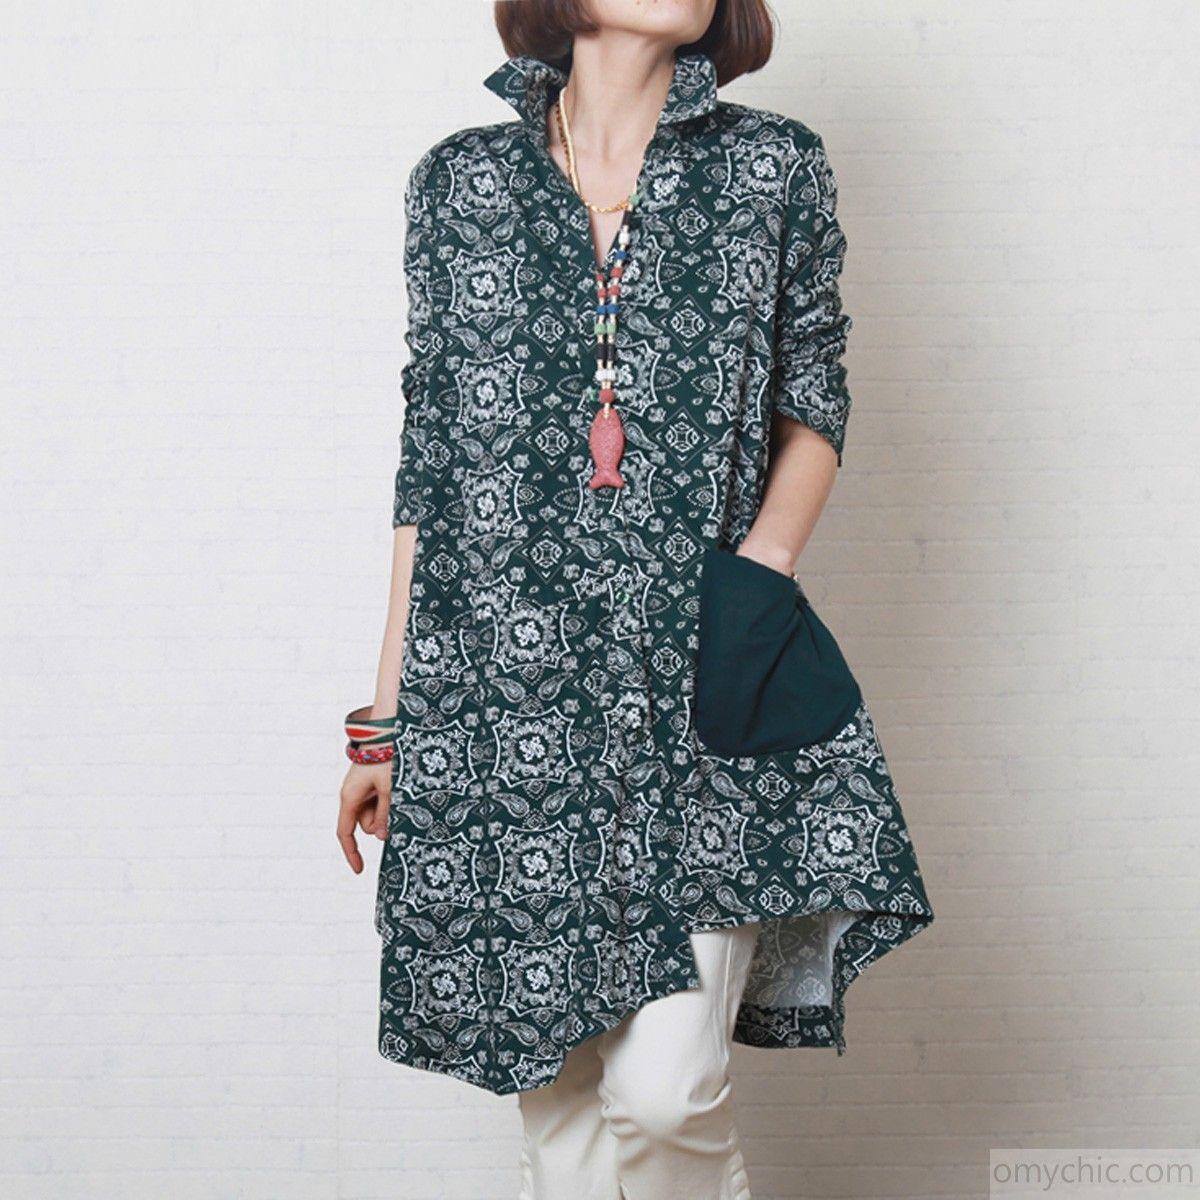 Vintage floral sundress  blacksih green cotton summer dress plus size